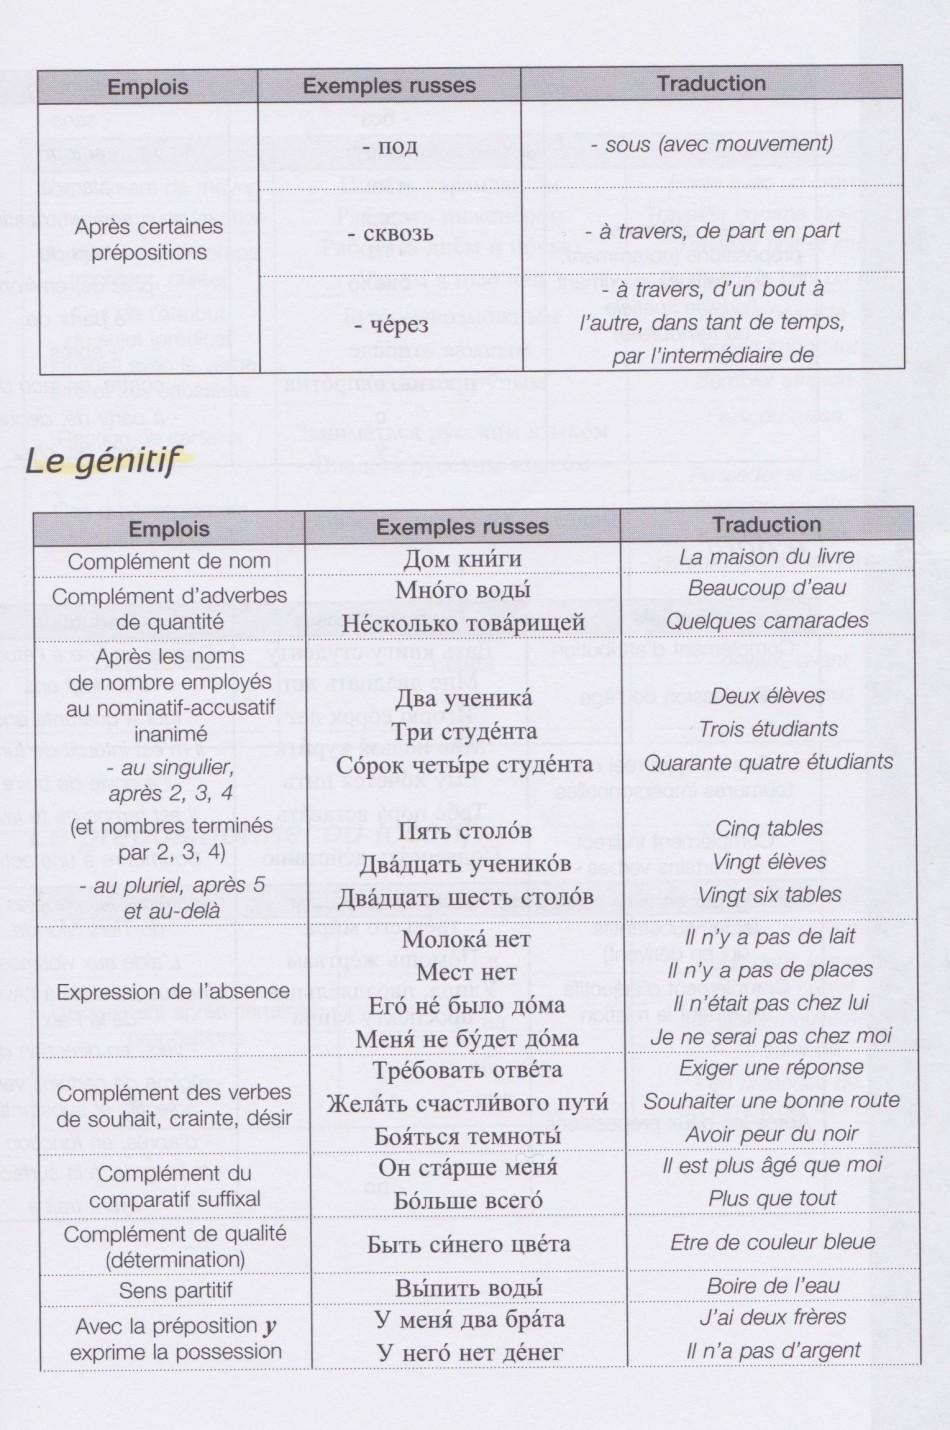 grammaire.jpg